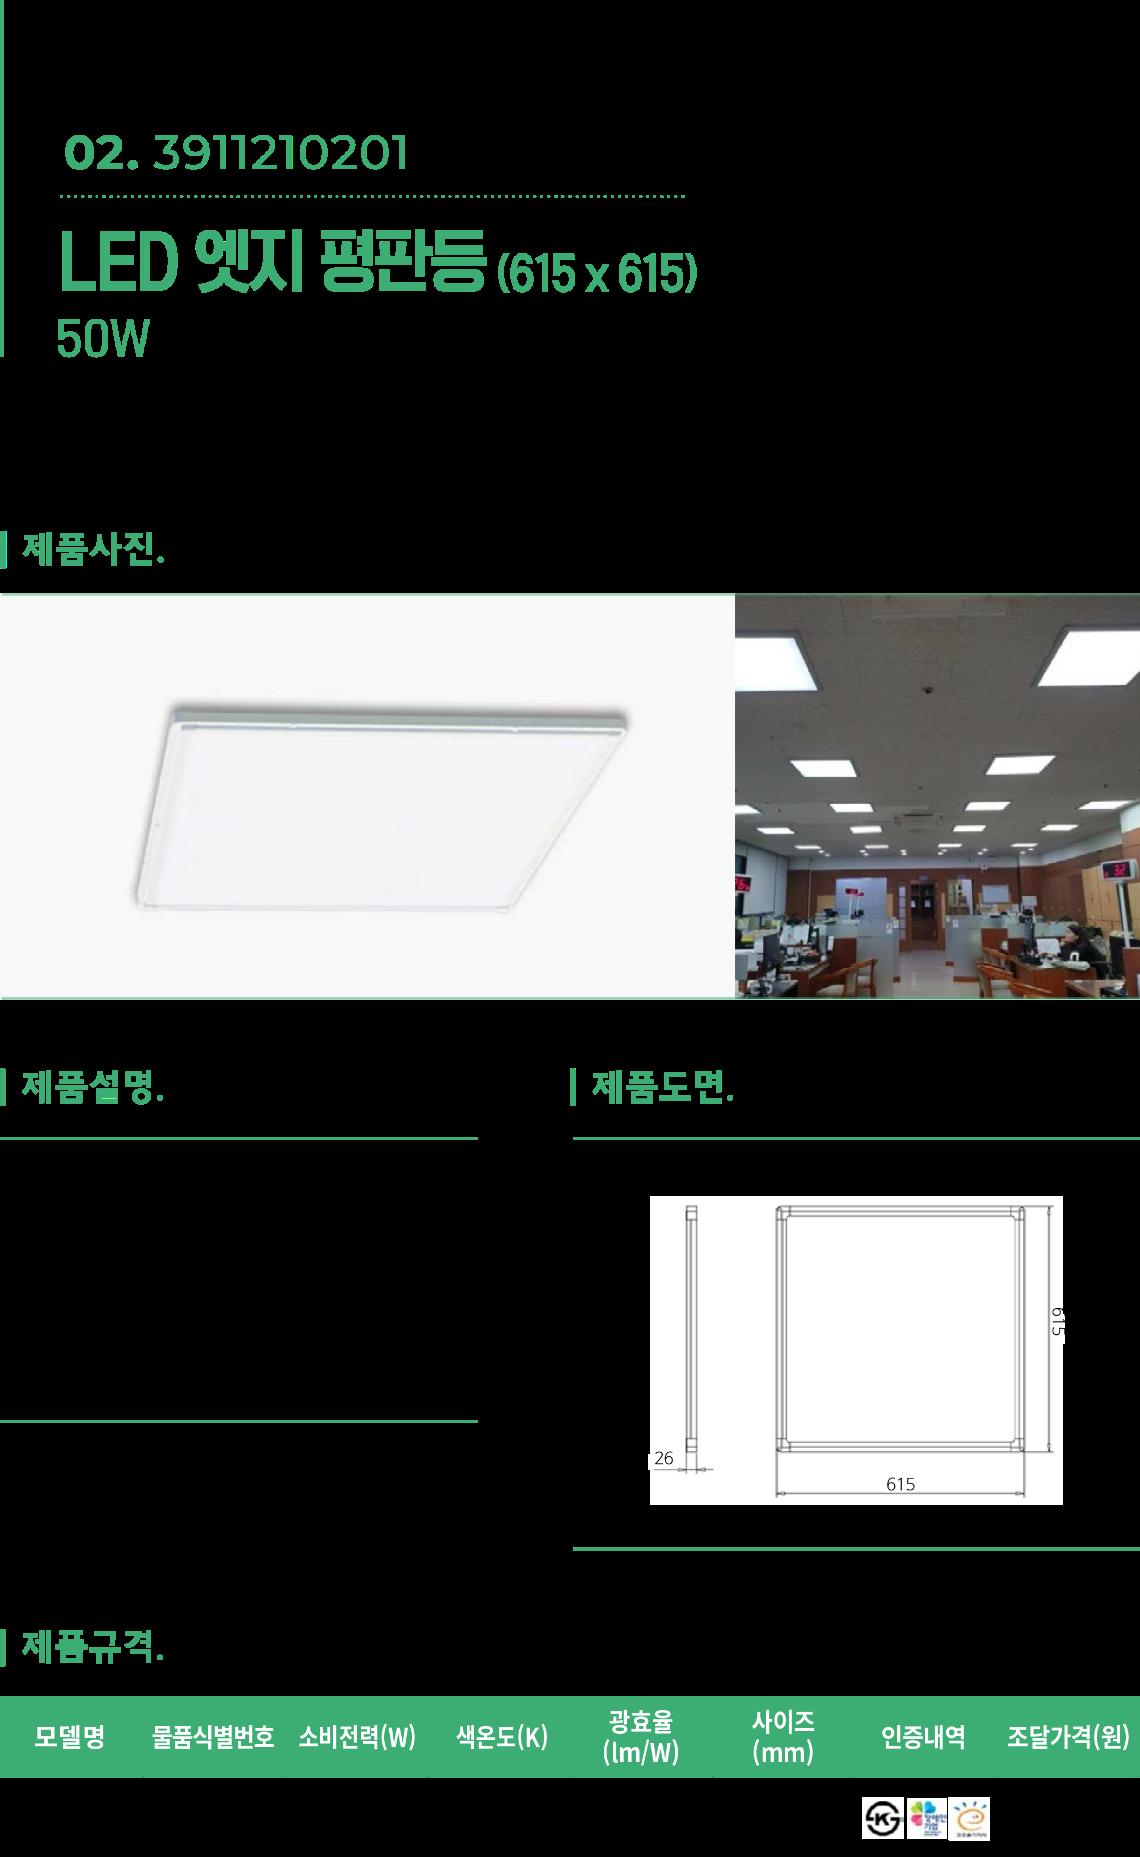 LED-엣지-평판등-615-50w.png